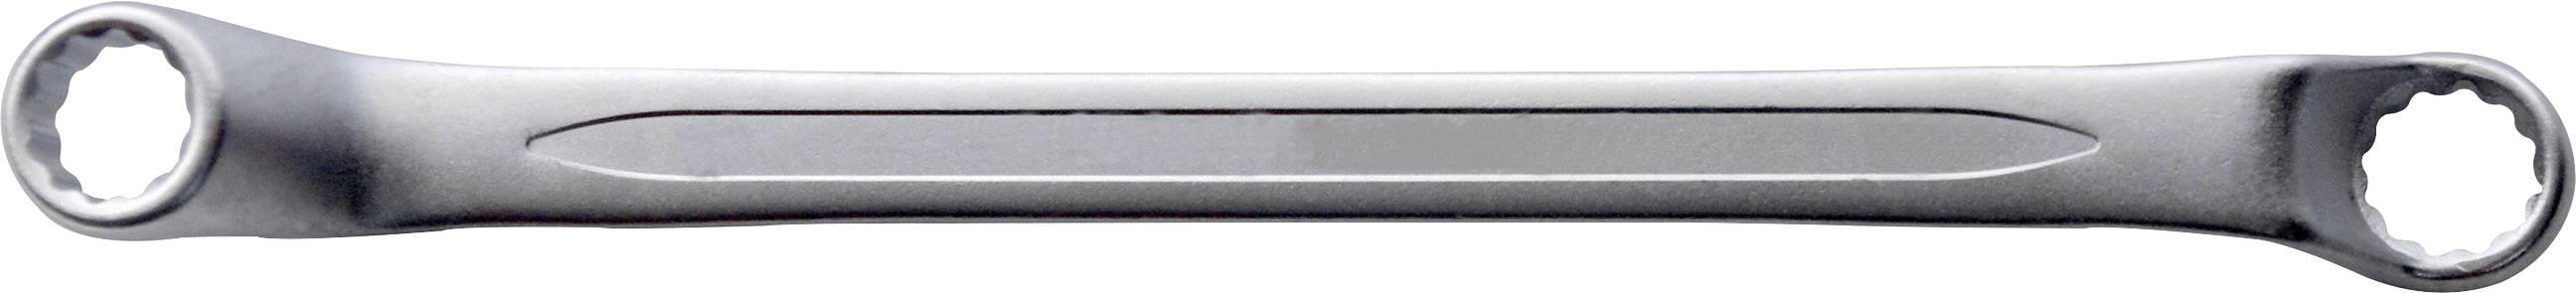 Oboustranný očkový klíč TOOLCRAFT 820849, 8 - 9 mm